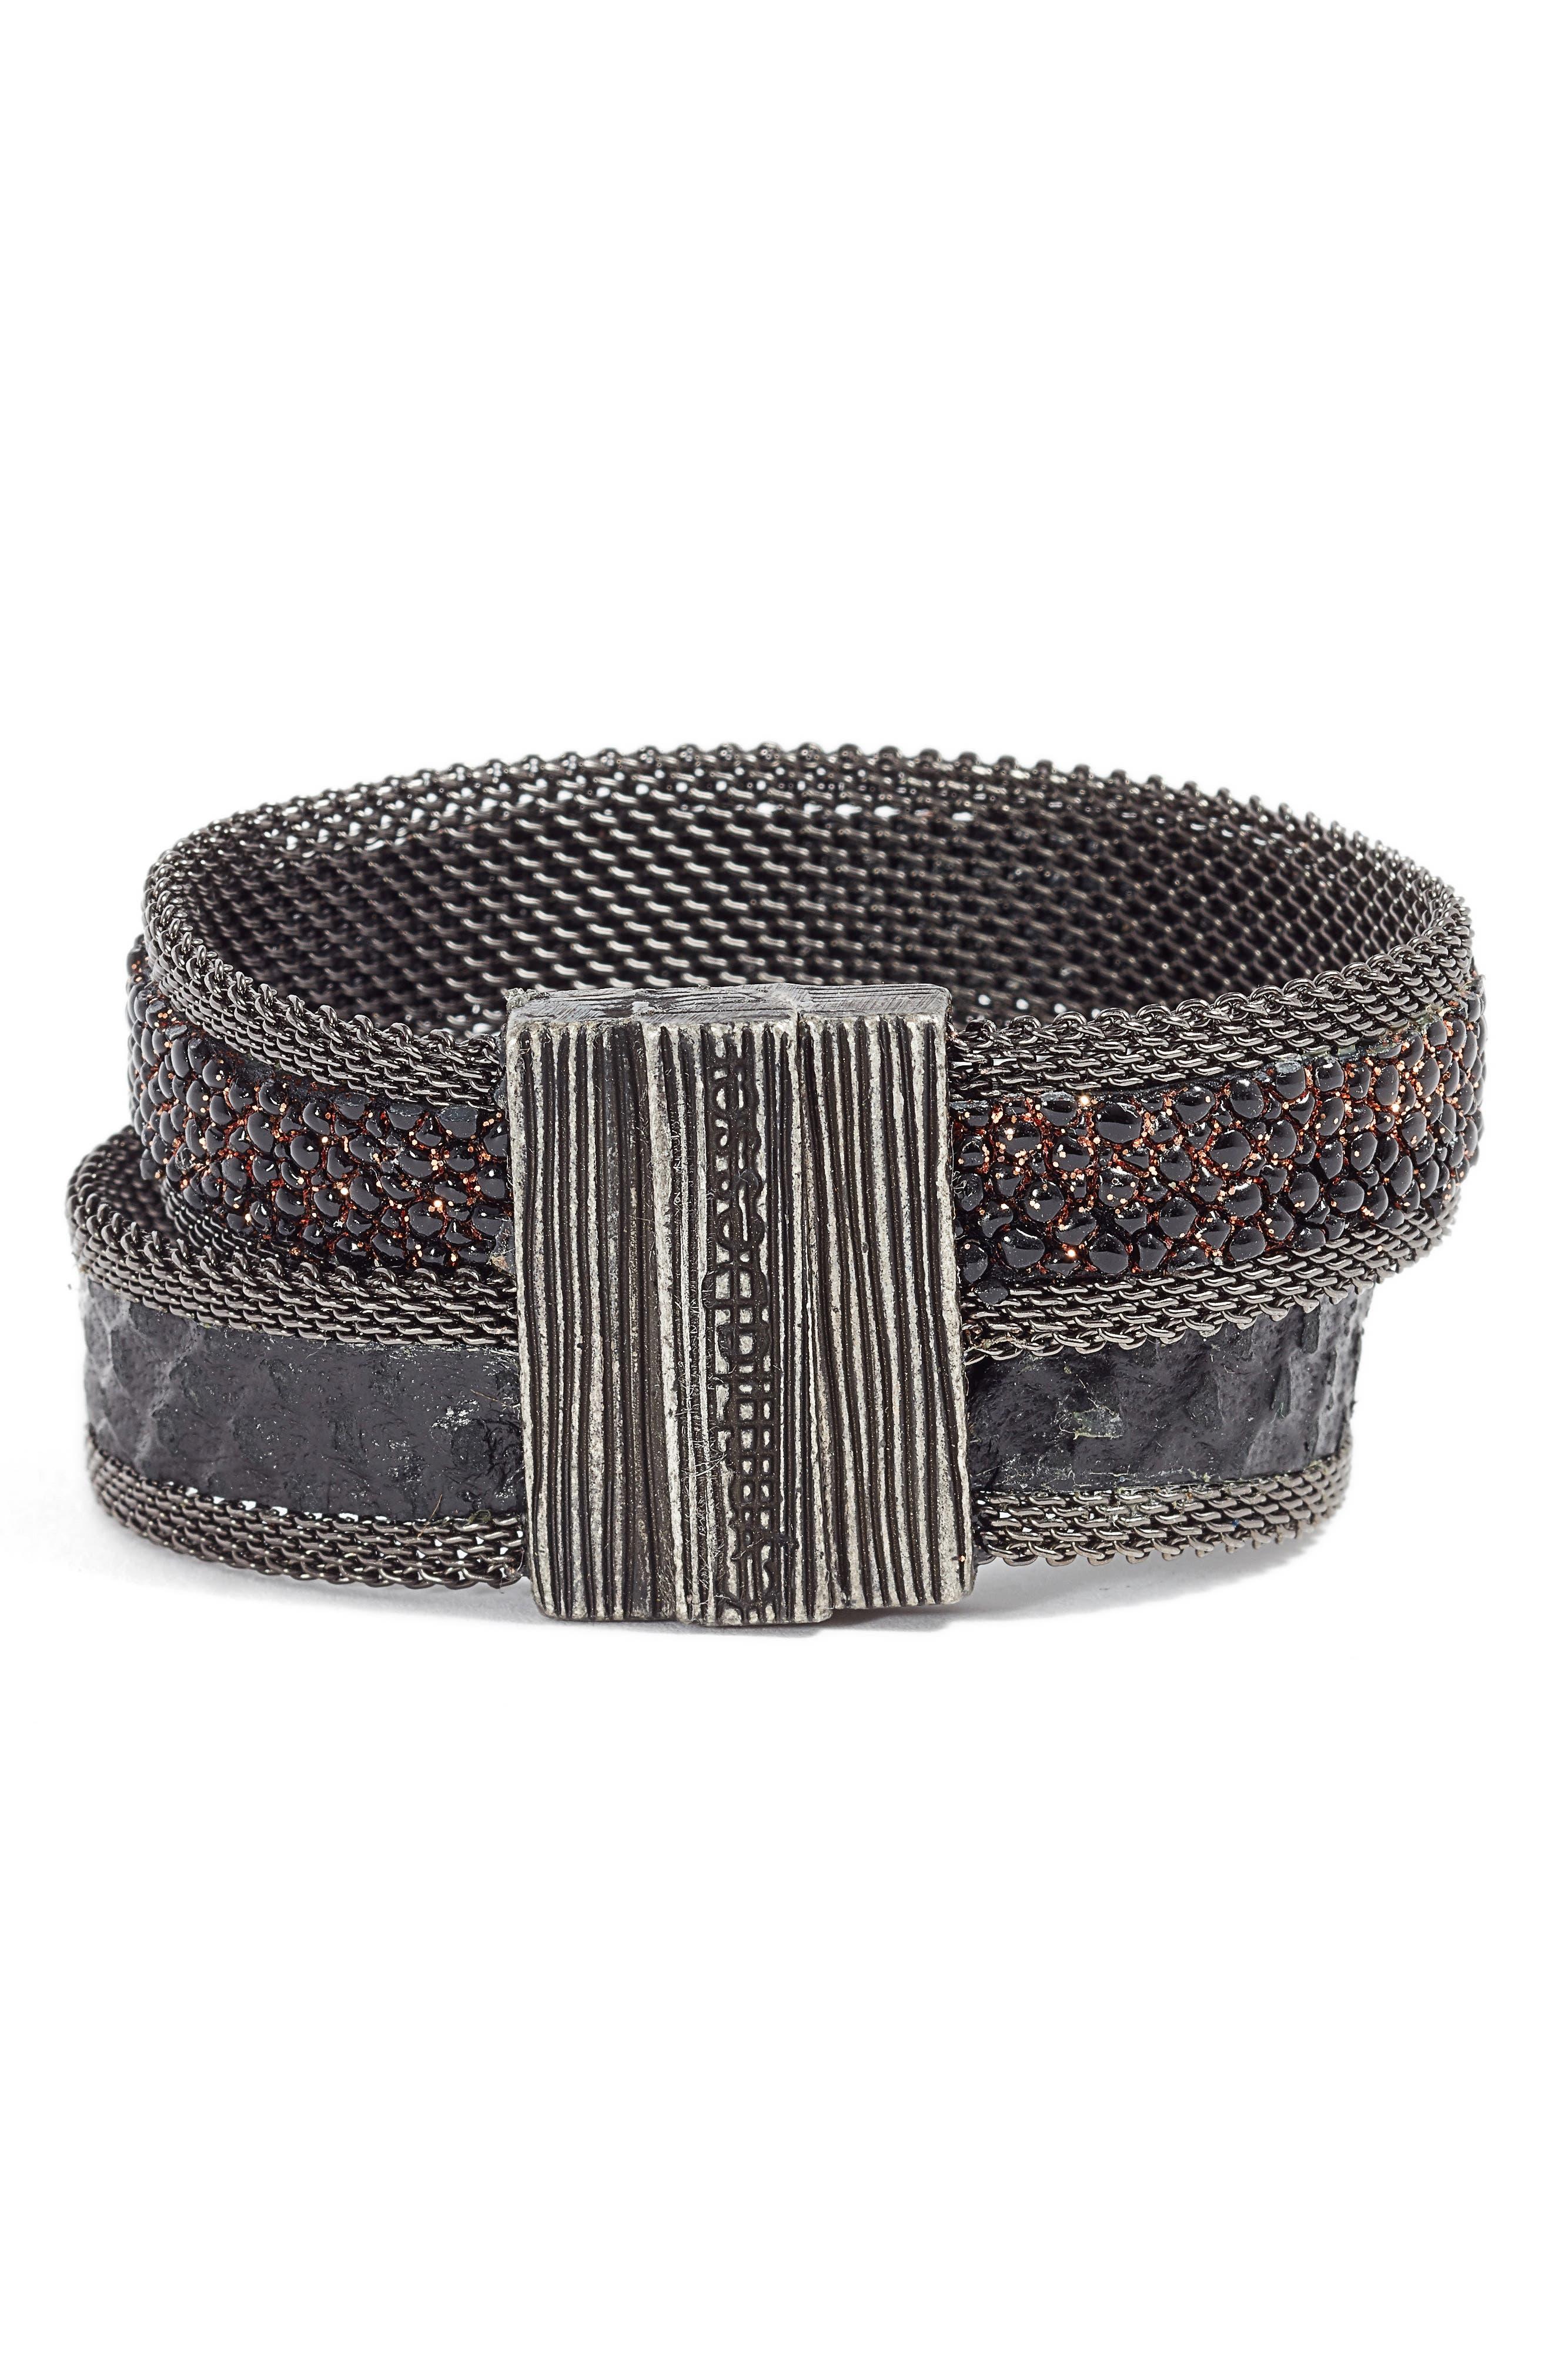 Shimmer Stingray & Snakeskin Bracelet,                             Alternate thumbnail 2, color,                             BLACK/ COPPER/ GUN METAL